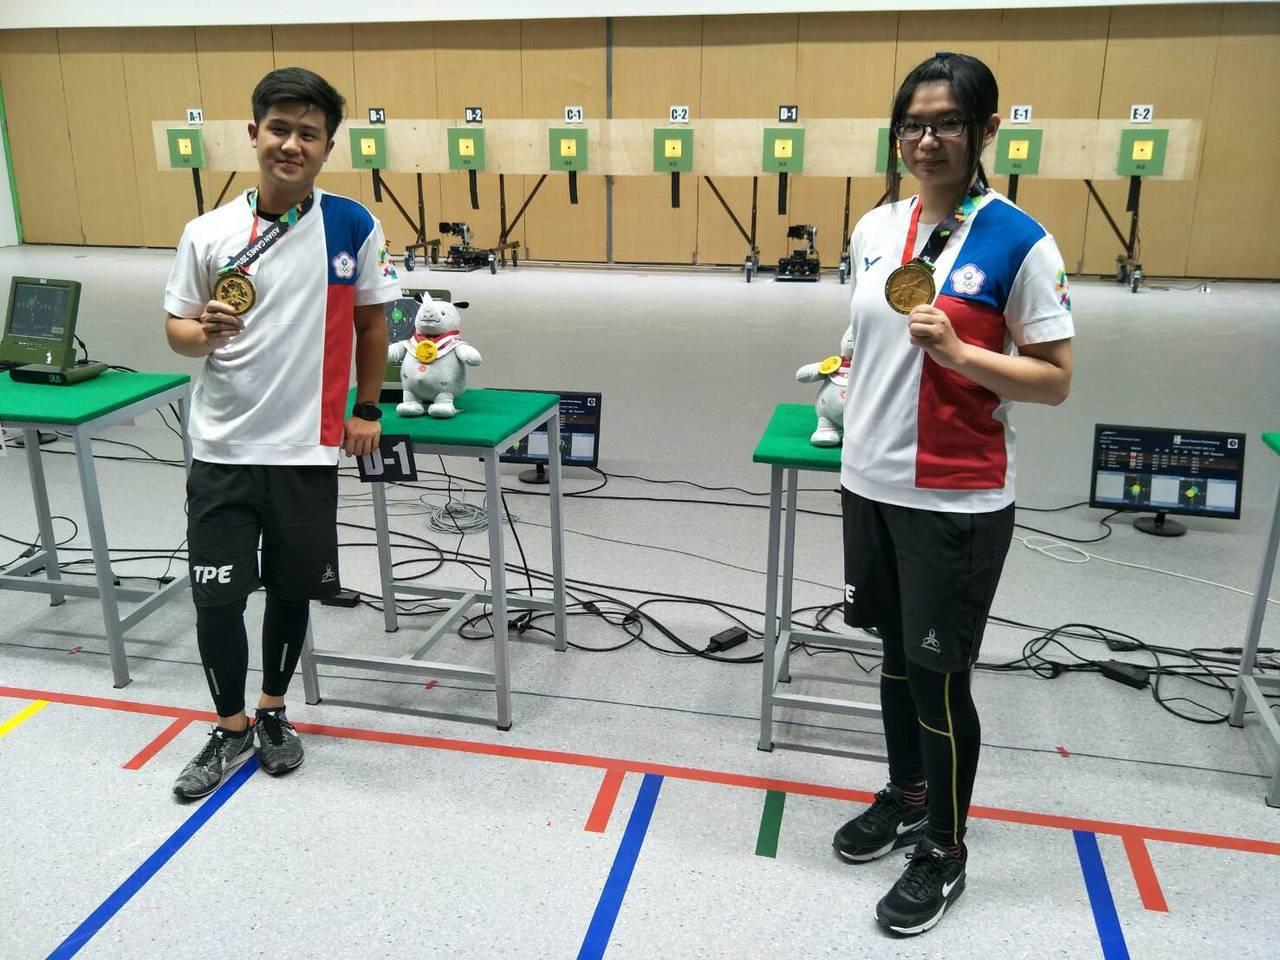 呂紹全(左)、林穎欣(右)奪得亞運10公尺空氣步槍混合團體金牌。 圖/中華奧會提...